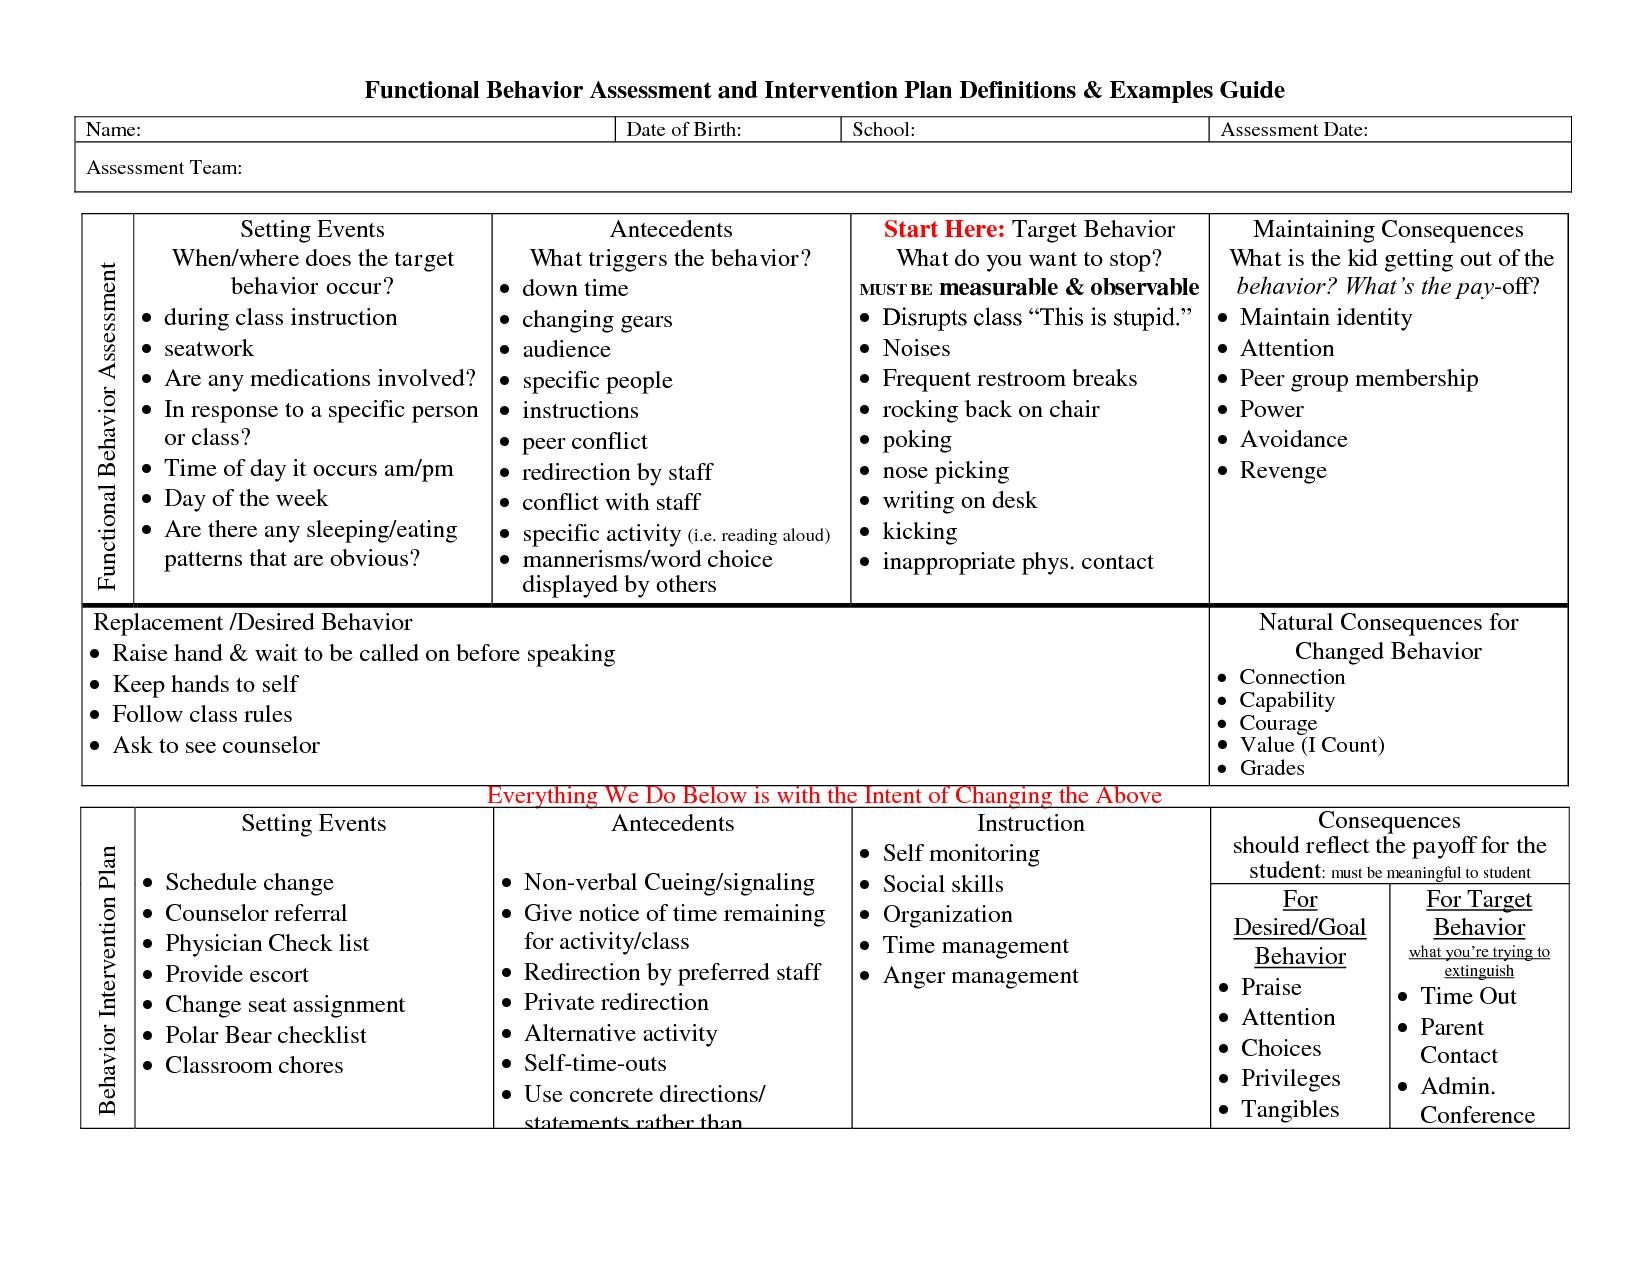 Functional Behavior Assessment Example